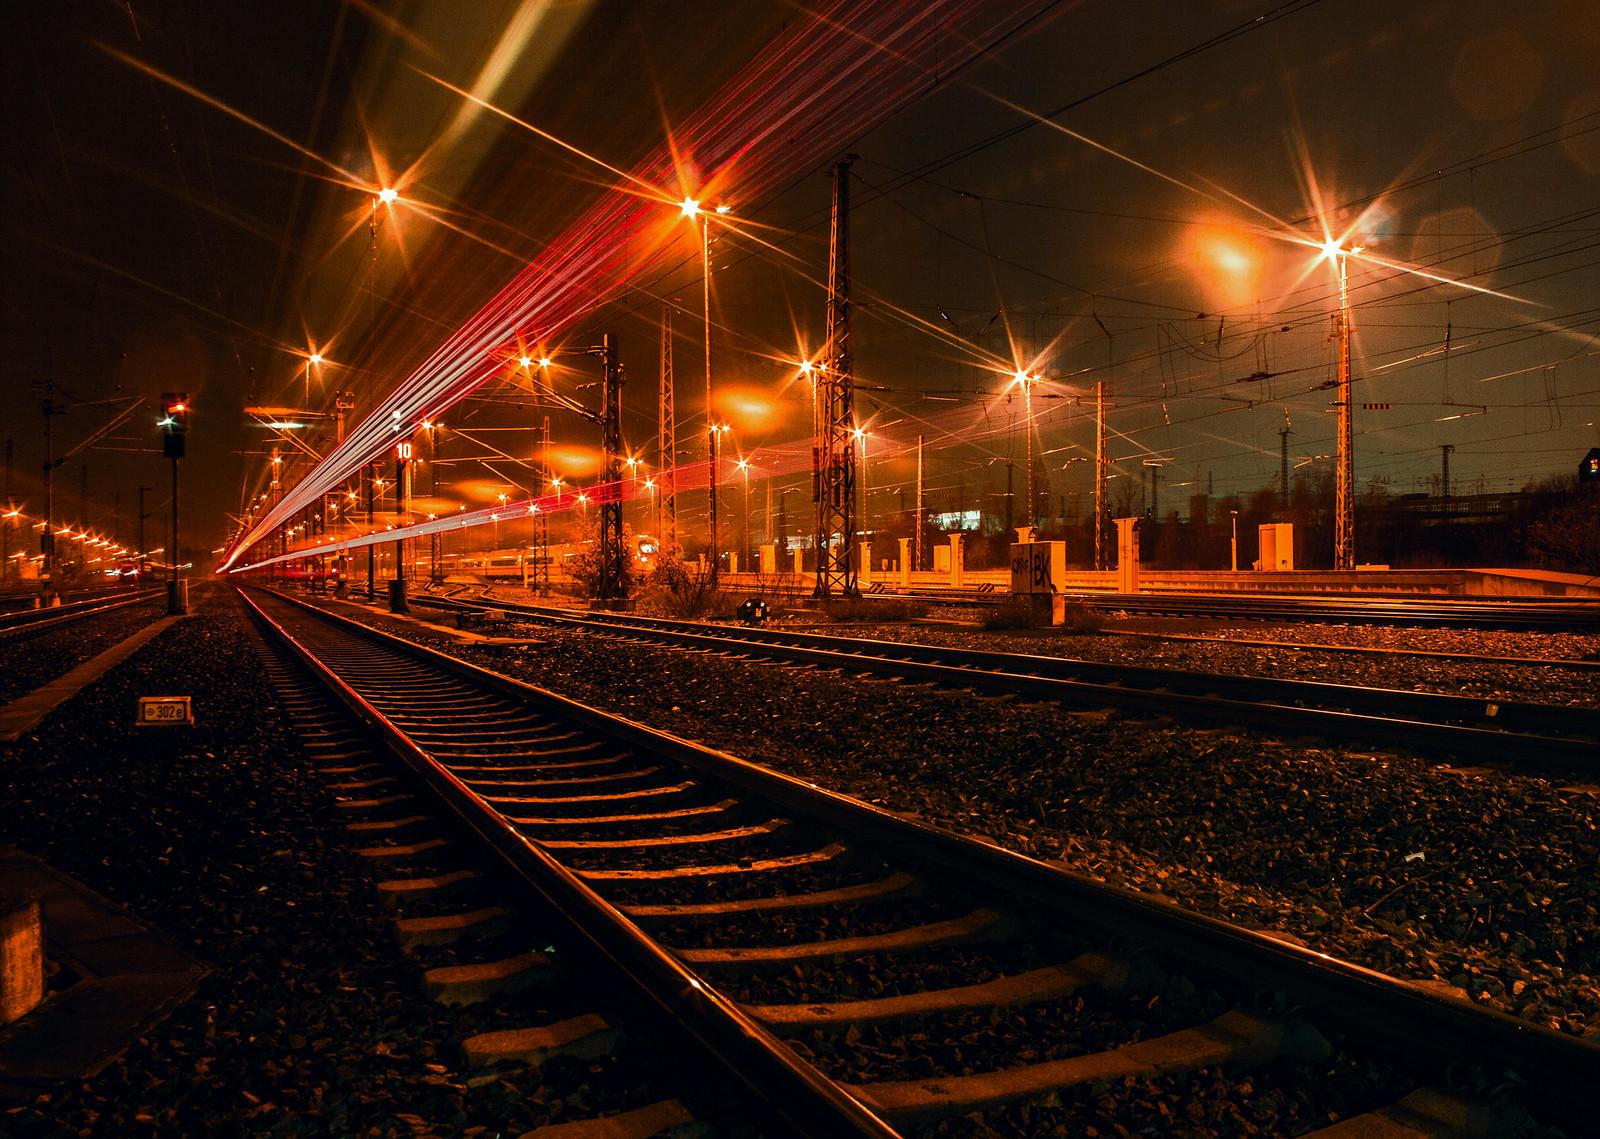 Rails   by Sebeats